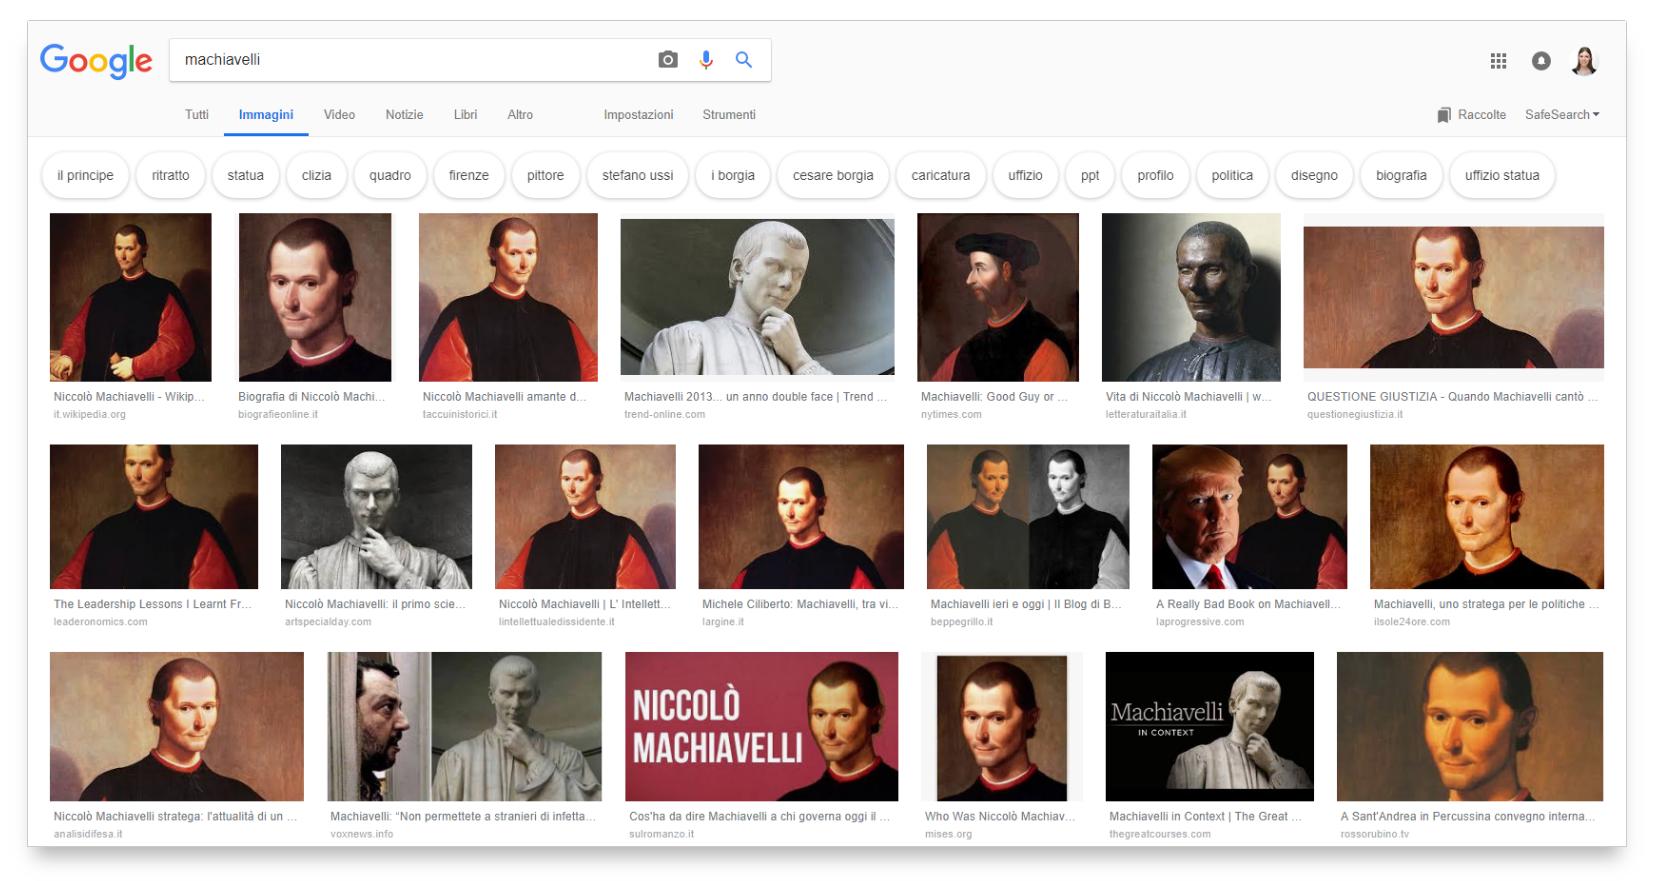 Ricerca su Google desktop per Machiavelli: formato di preferenza orizzontale.